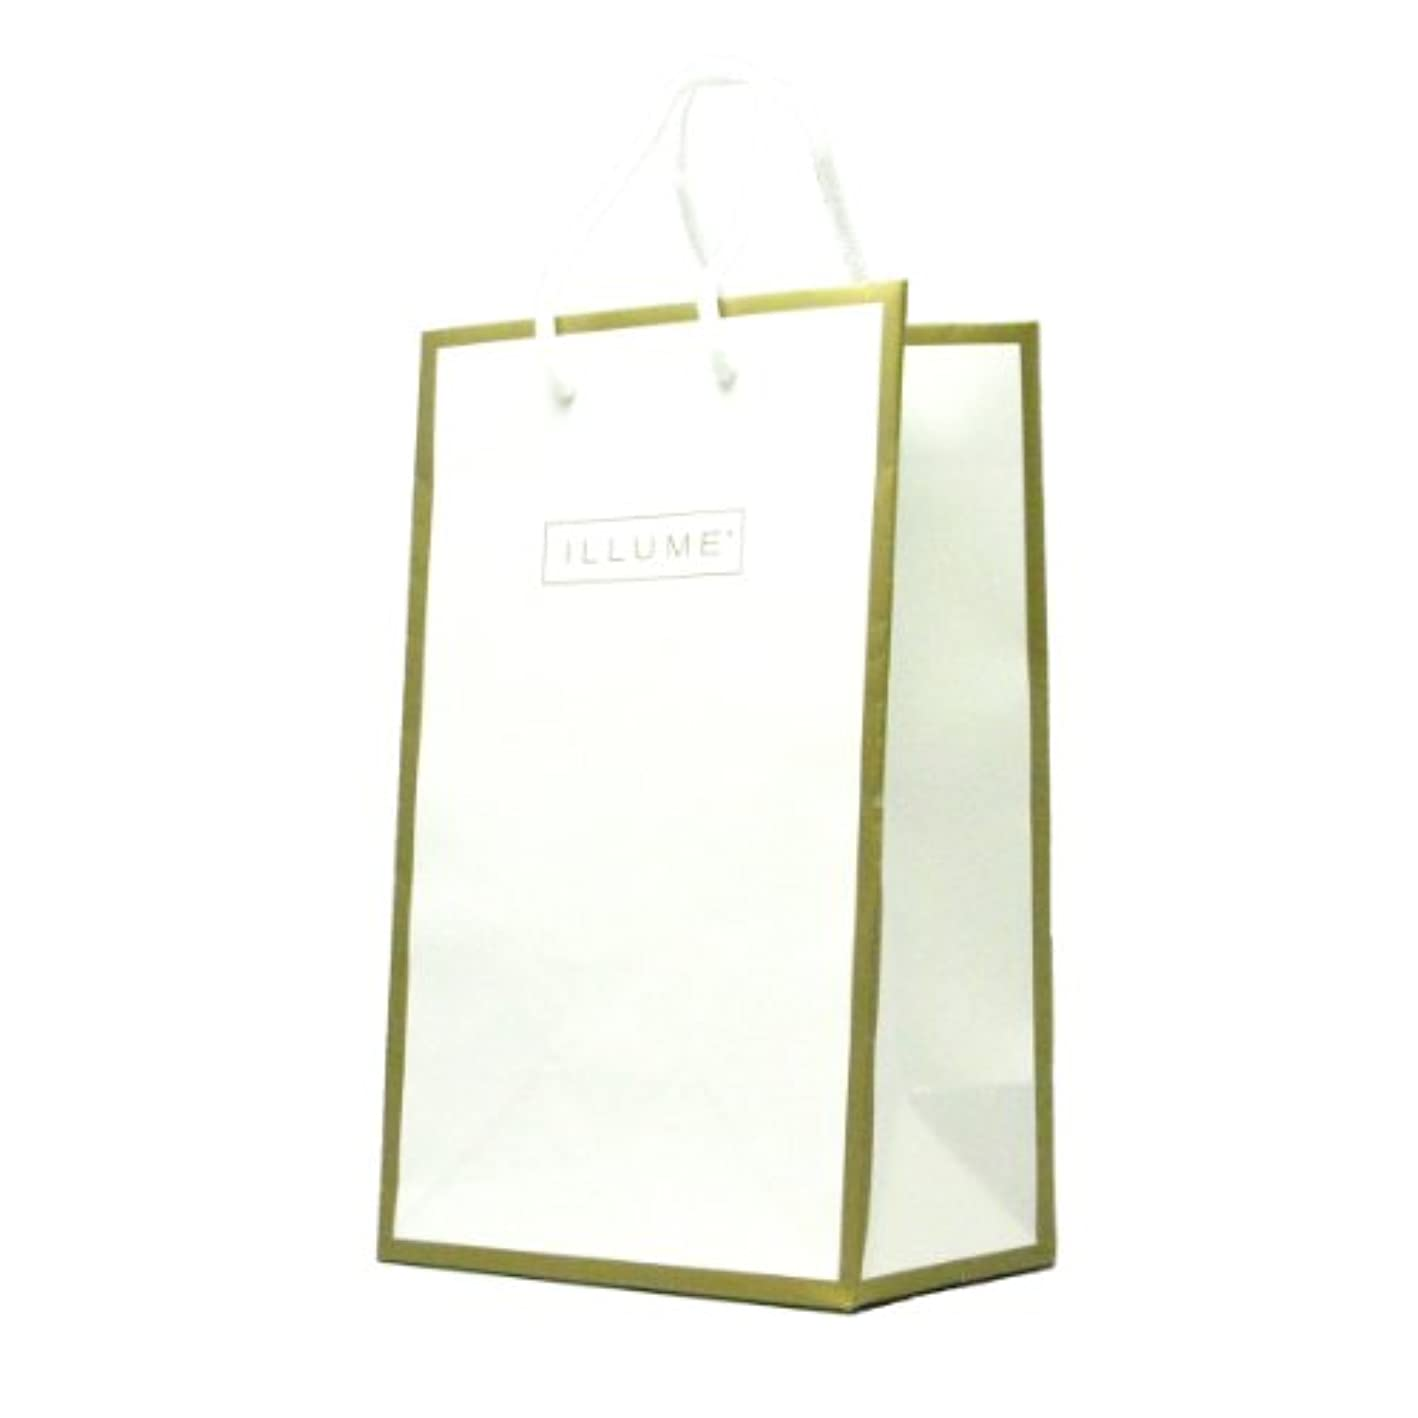 適応するいつでも前文イリューム(ILLUME) ギフトバッグ(Gift Bag) (ILLUMEギフトバッグ)